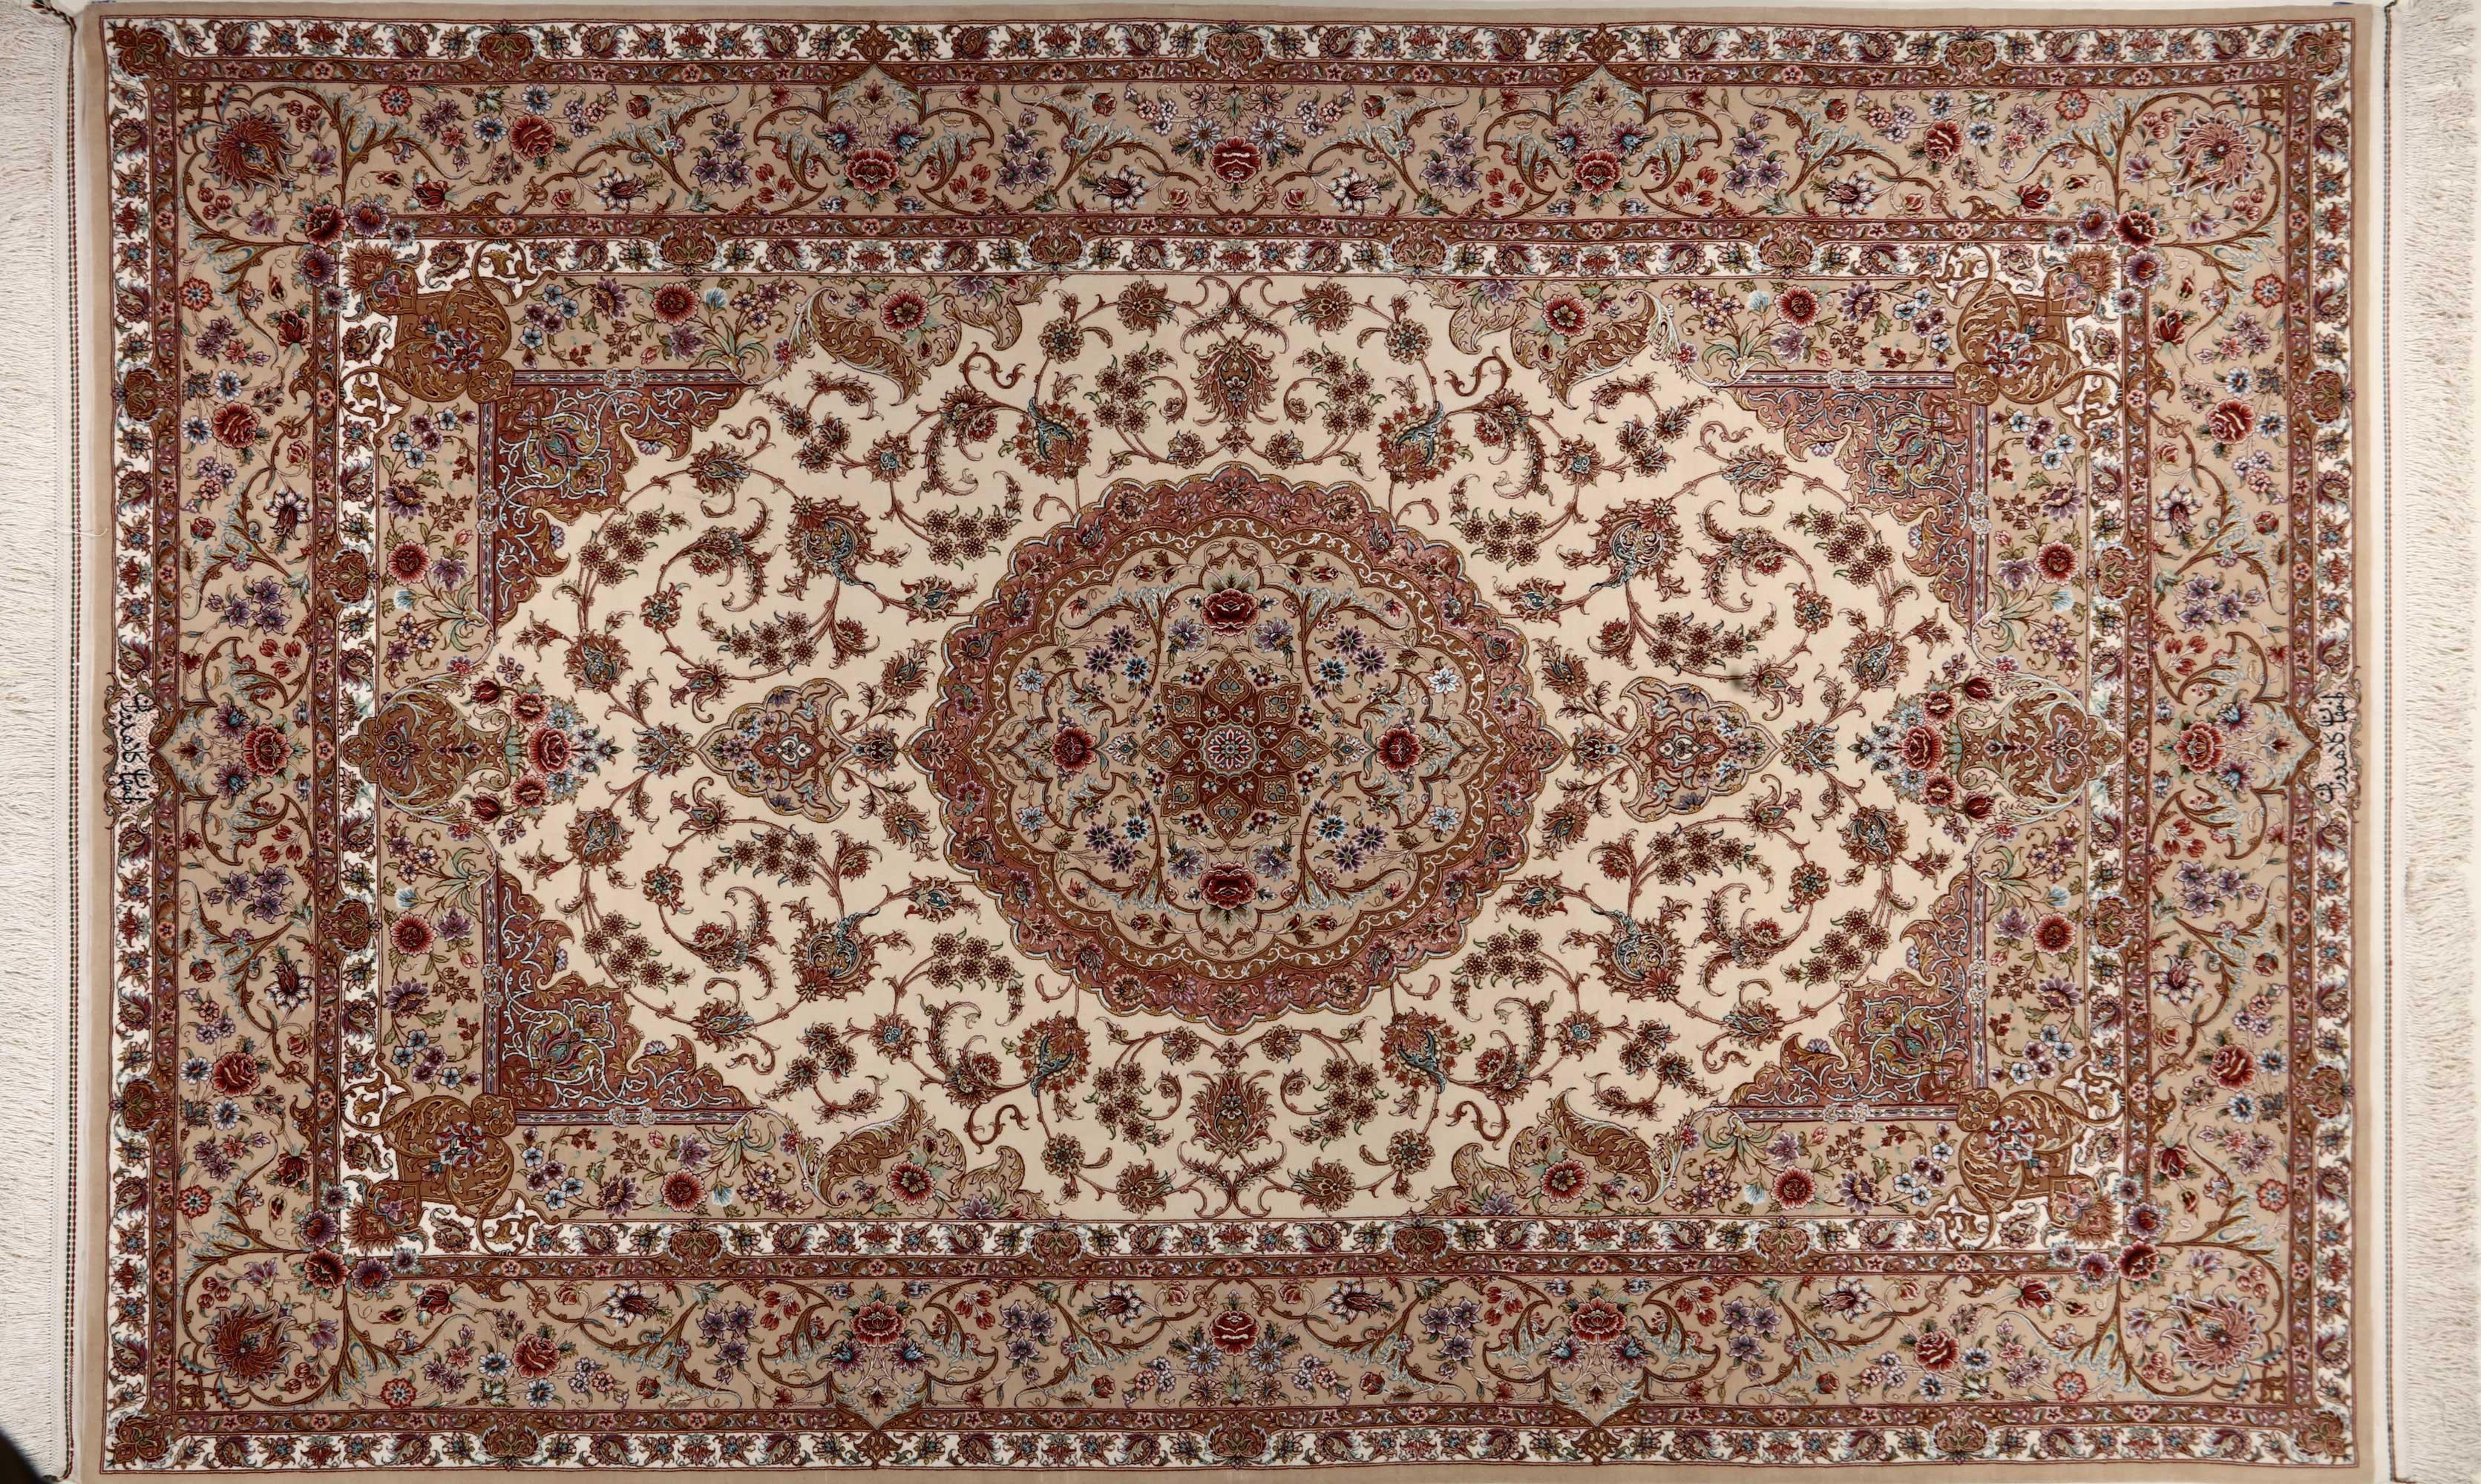 فرش دستباف 6 متری اصفهان | قیمت فرش دستباف ابریشم